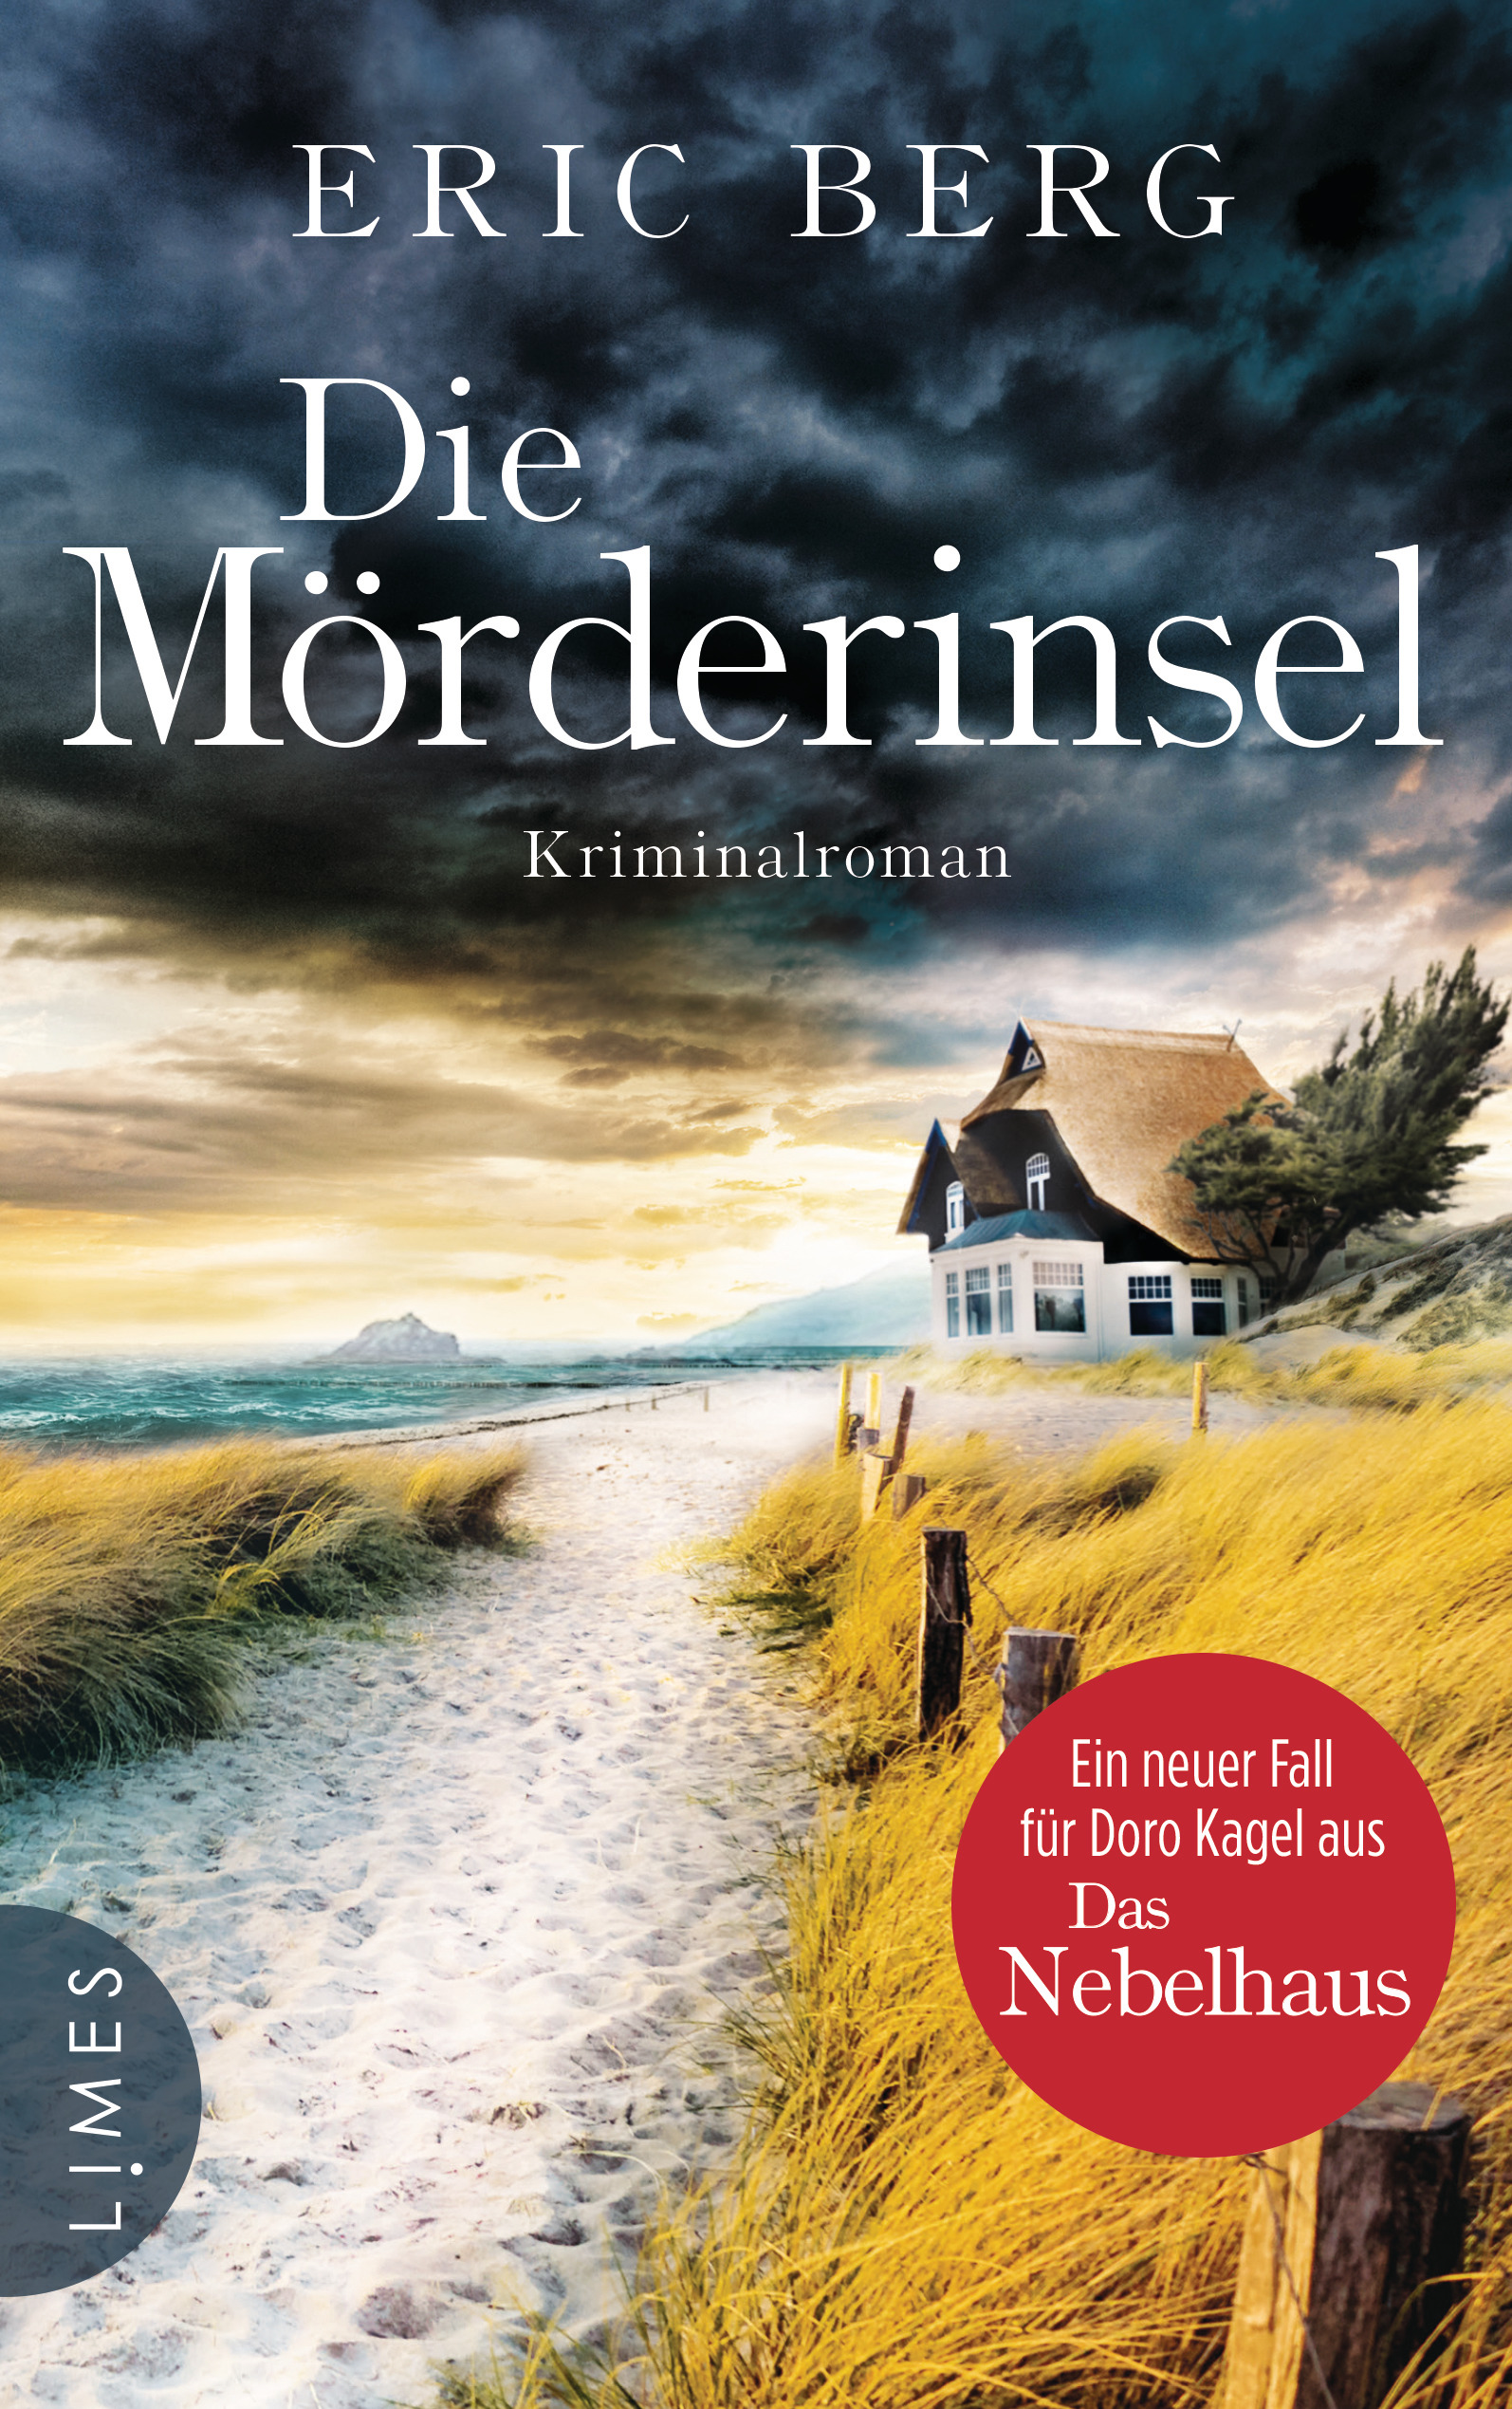 Eric Berg steigt mit neuem Roman in die Top Five der Bestsellerliste